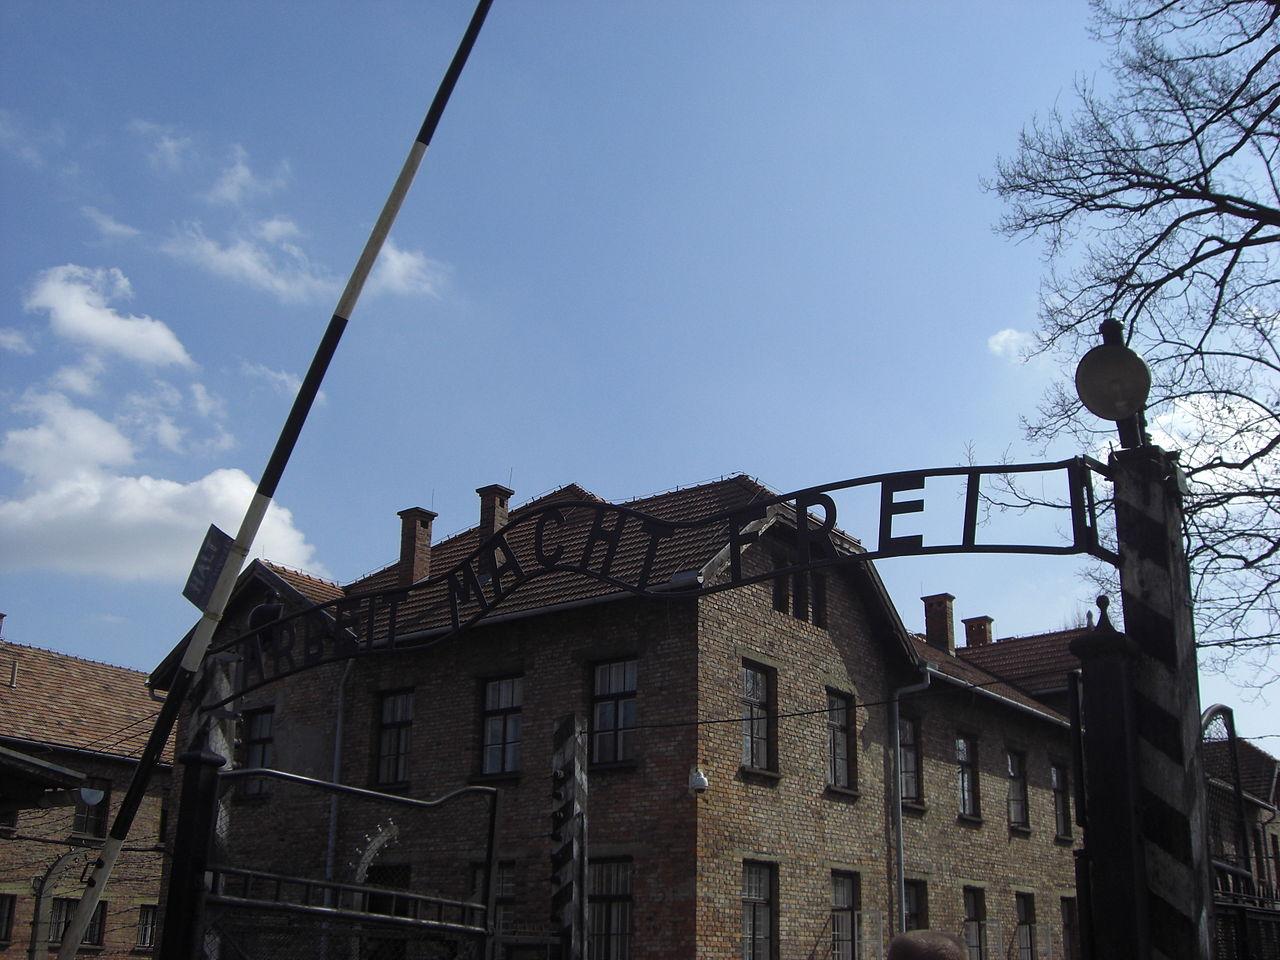 Arbeit macht frei, Auschwitz I, Polonia.jpg